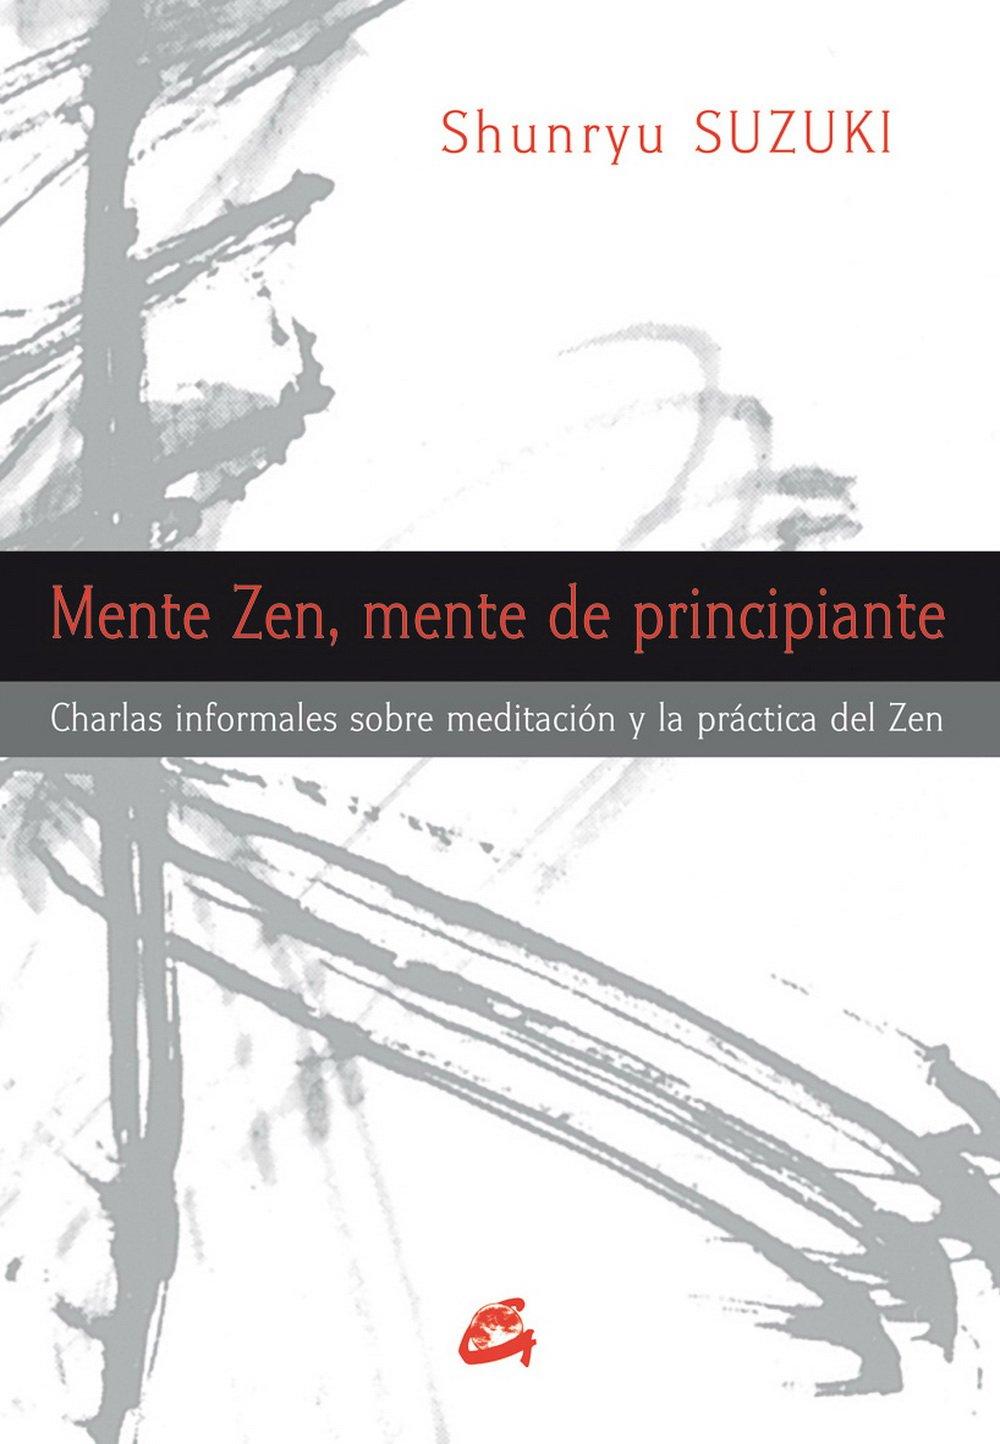 Mente Zen, Mente De Principiante (Gaia Perenne) Tapa blanda – 15 jun 2015 Shunryu (1904-1971) Suzuki Miguel Iribarren Berrade 8484454312 Buddhism - Zen